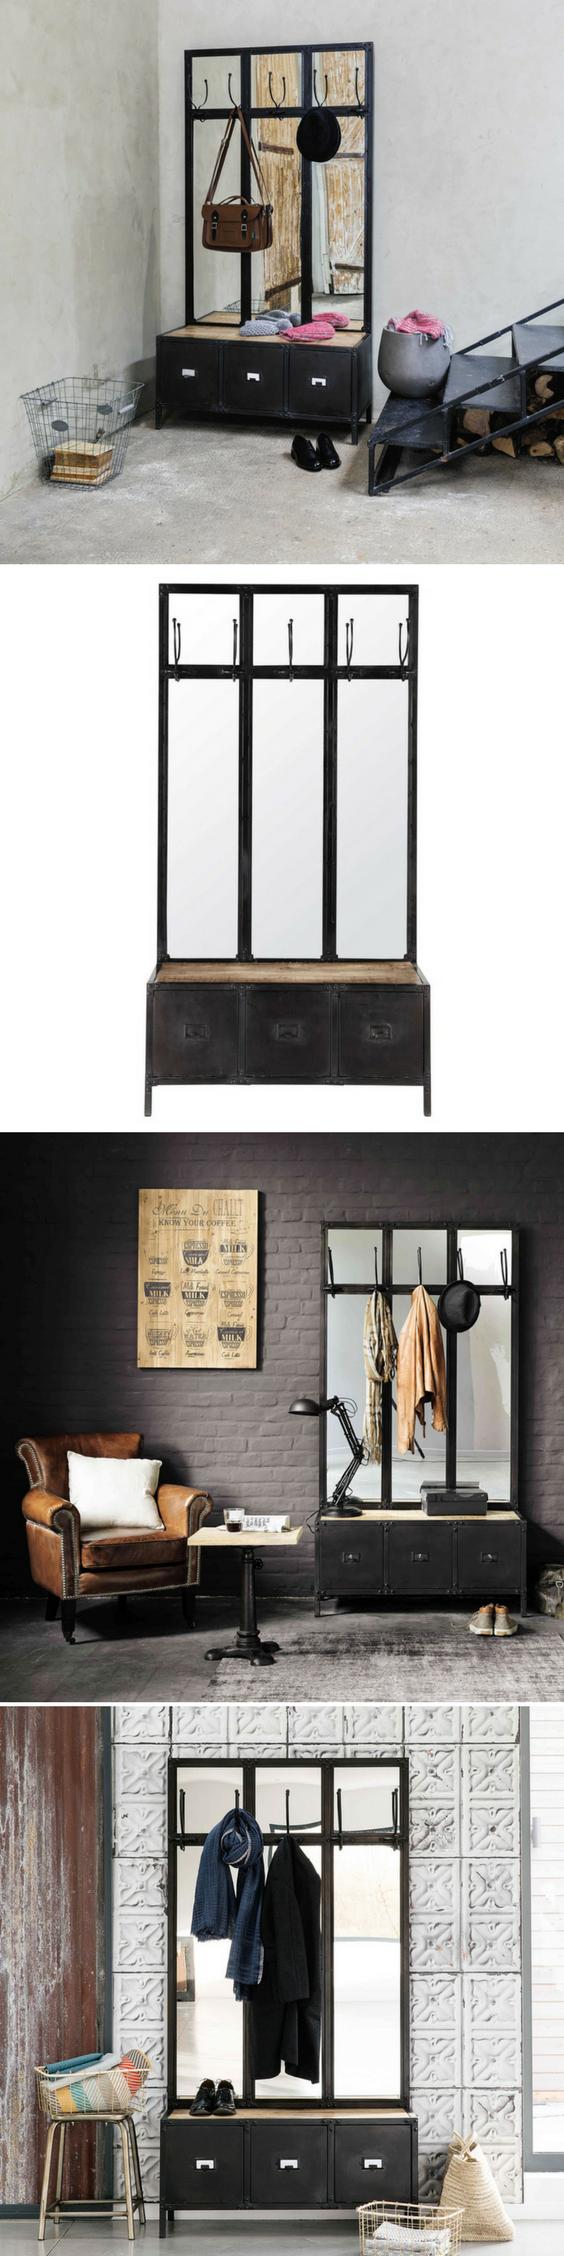 Meuble D Entrée Industriel meuble d'entrée avec miroir en métal noir | sneakers ink